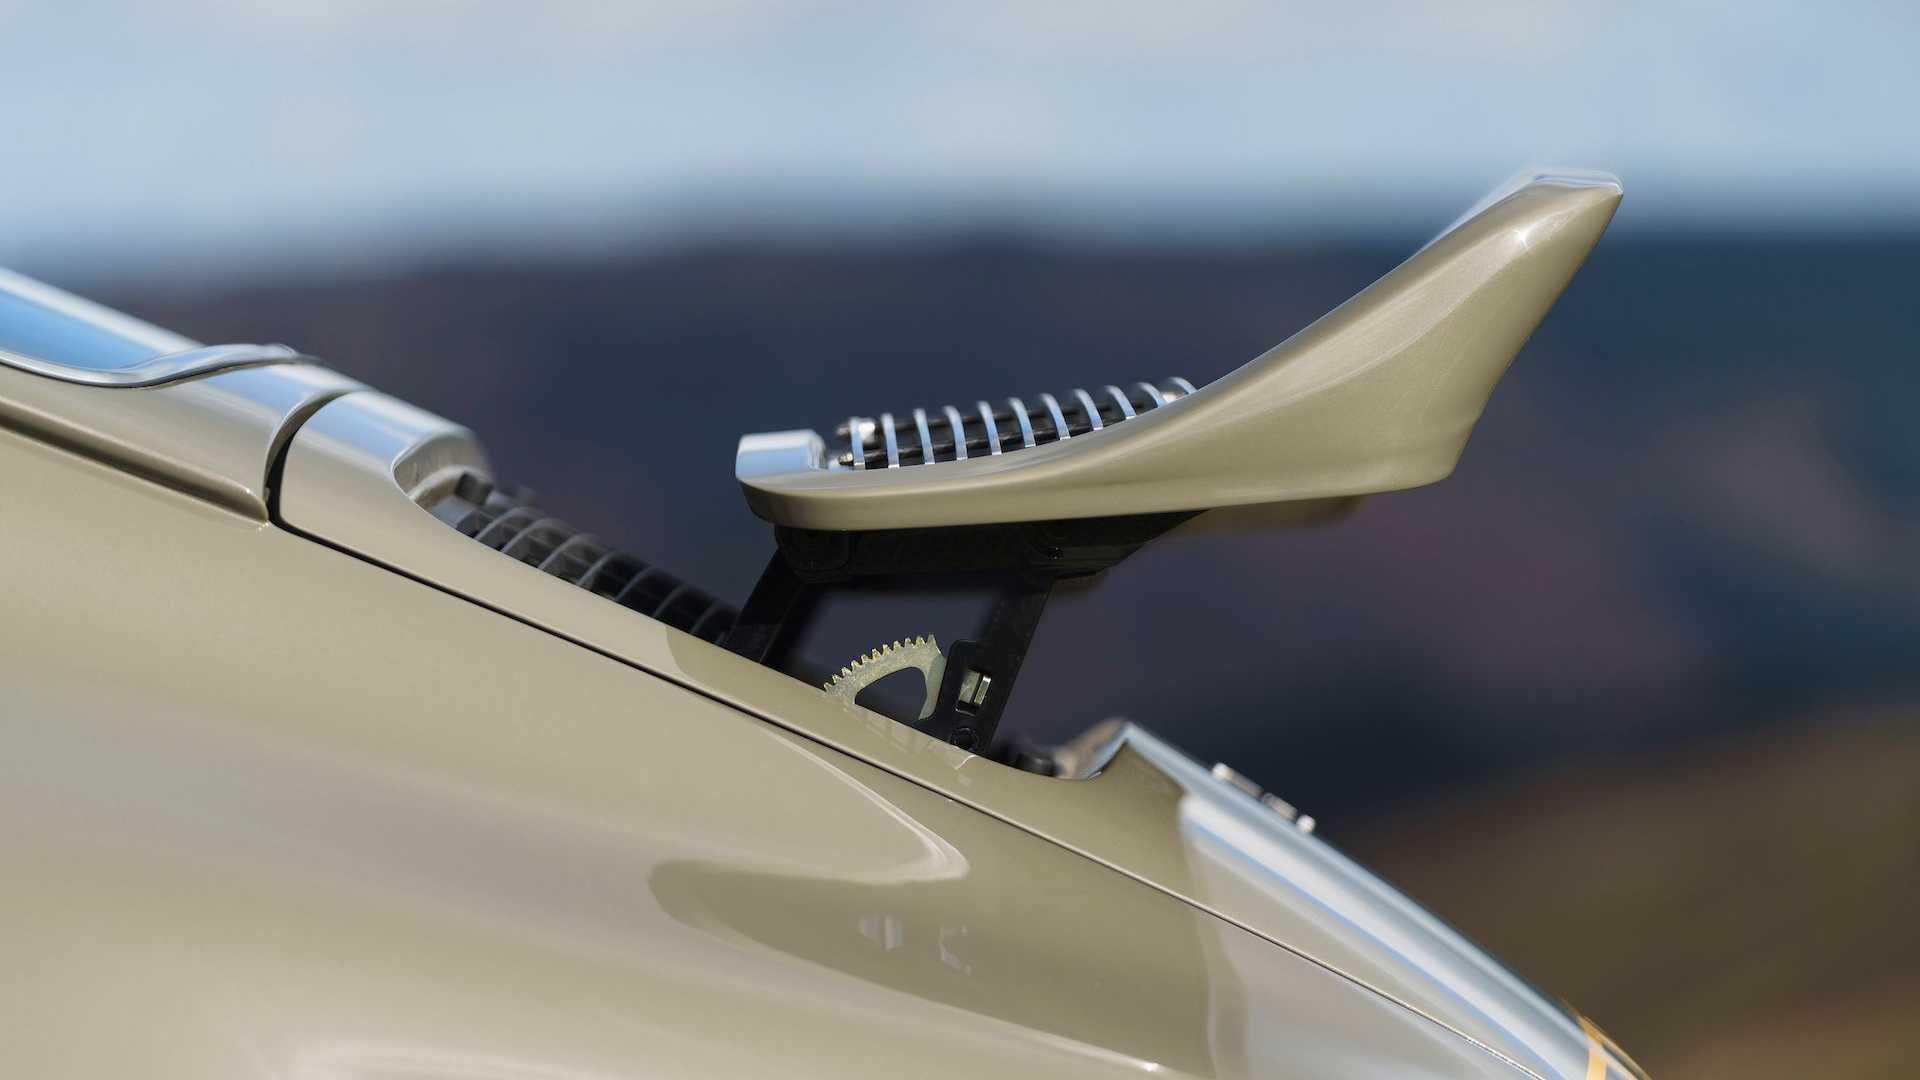 Theon-Design-HK002-Porsche-911-12